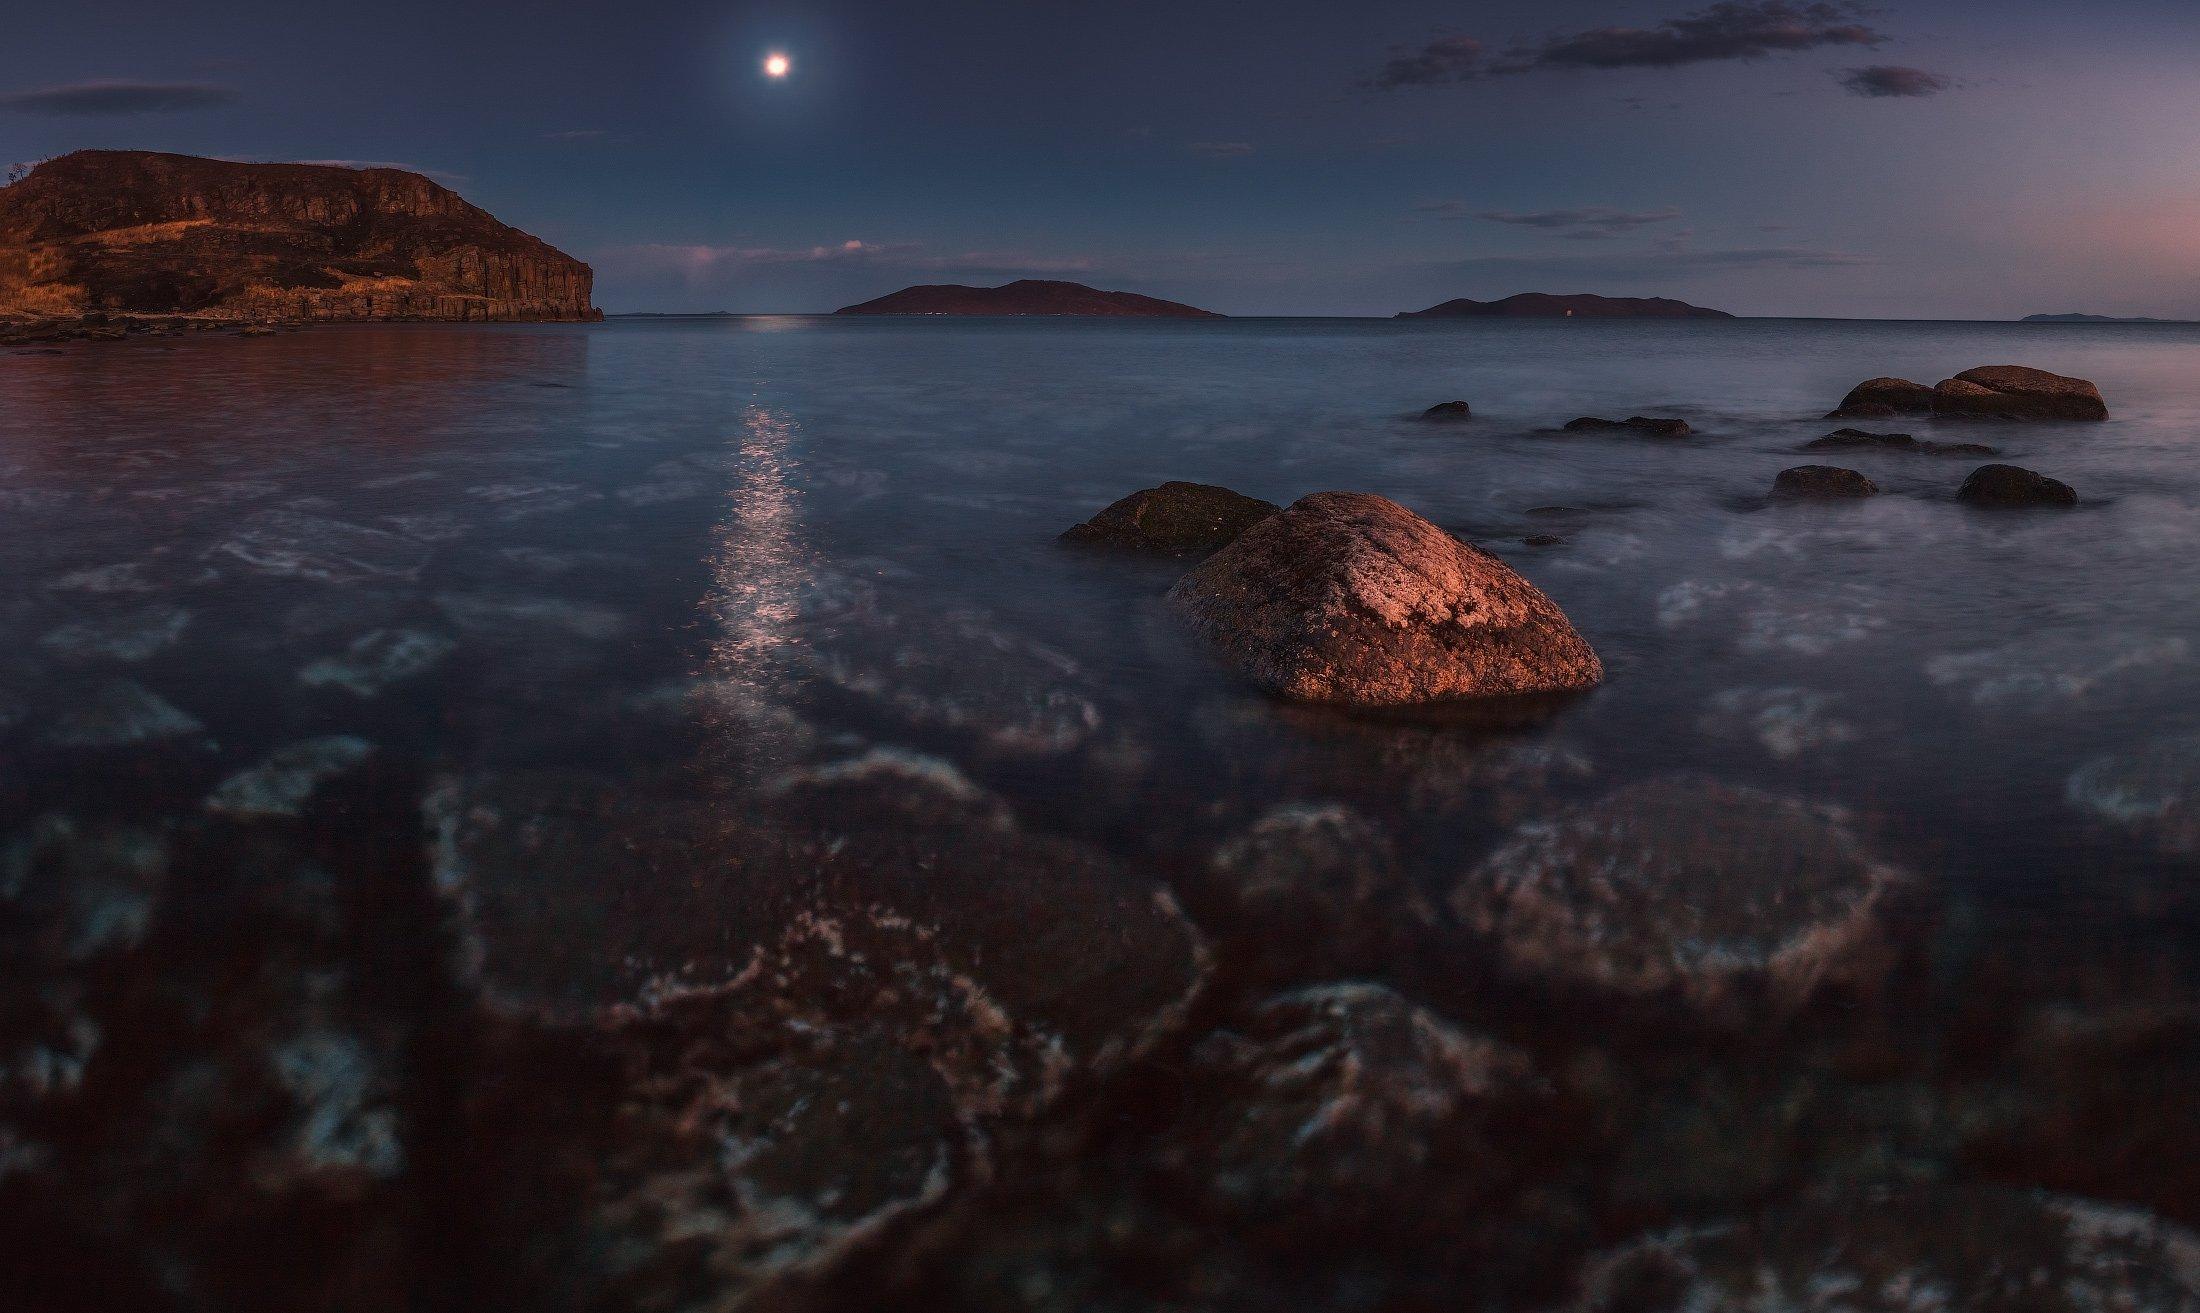 Камень, Луна, Море, Скалы, Сумерки, Андрей Кровлин